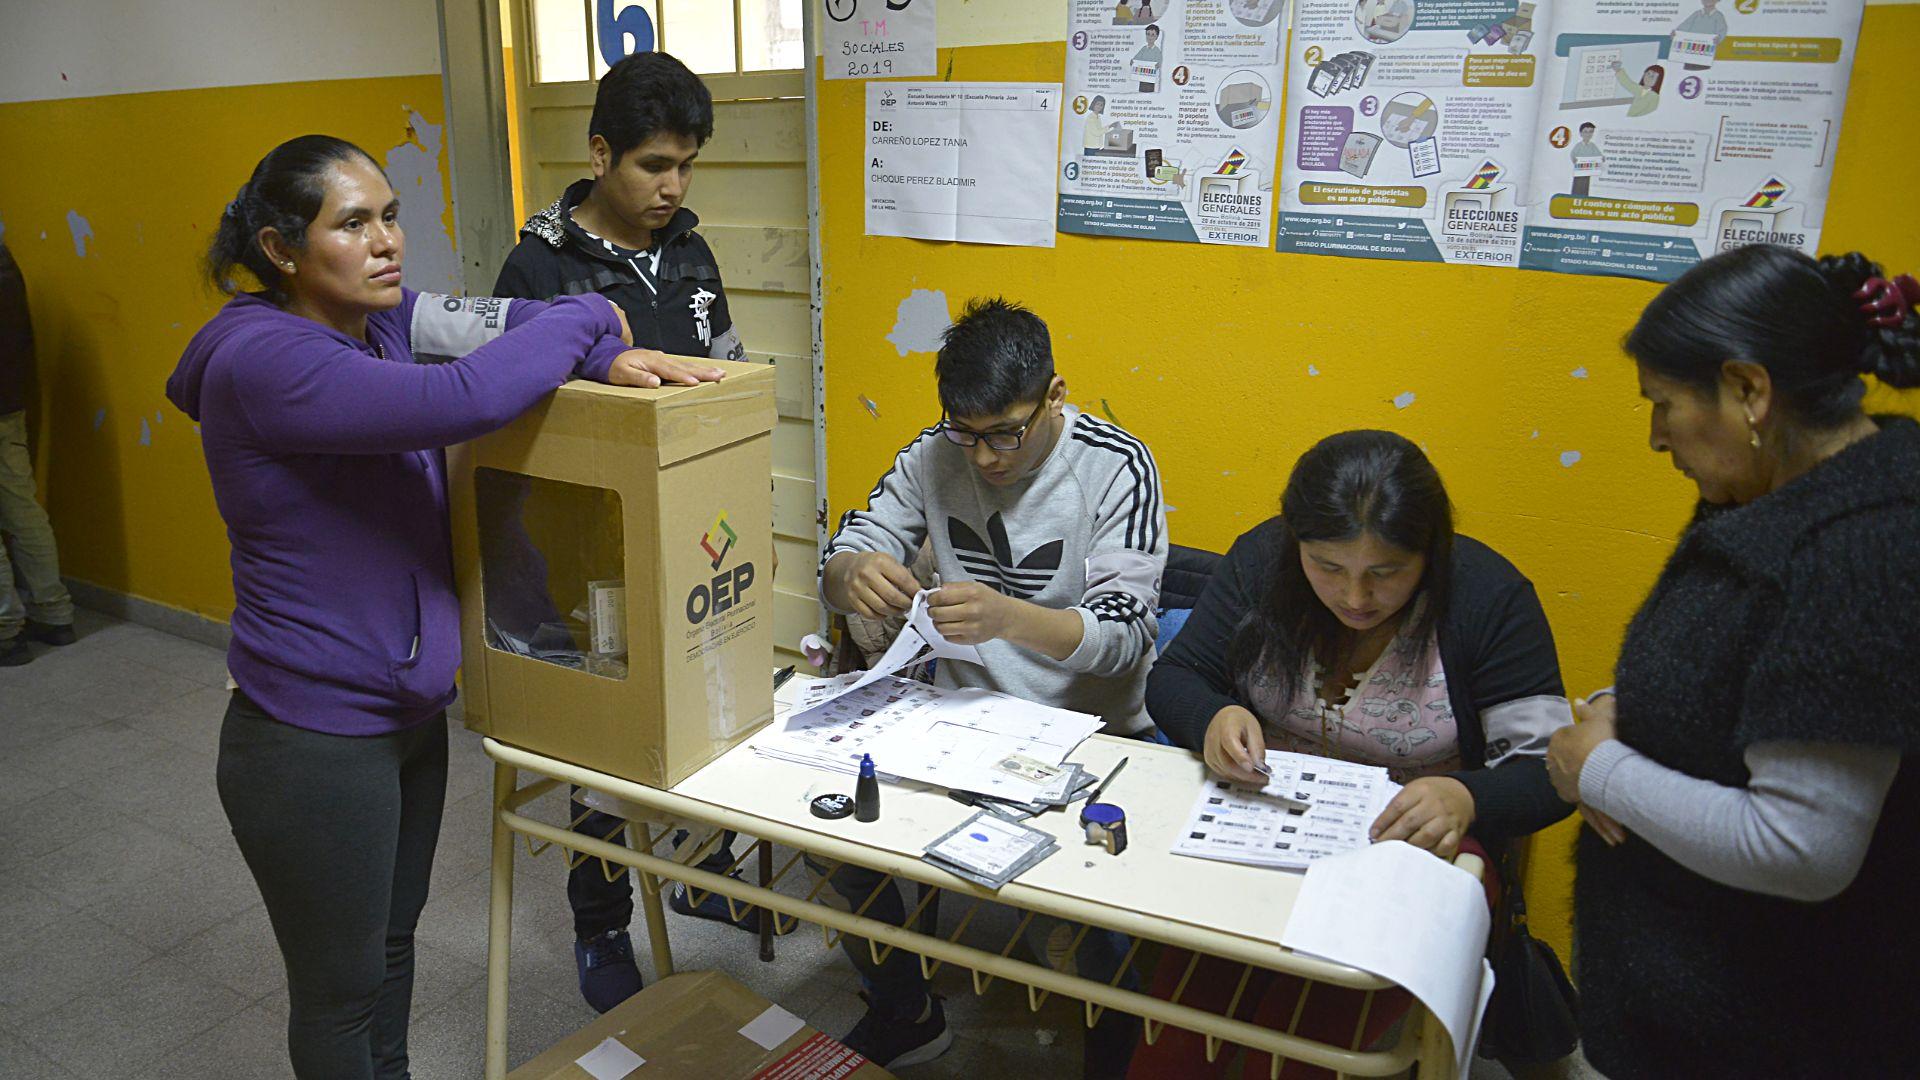 Las urnas están todo el tiempo custodiadas por los fiscales, quienes tapan con el antebrazo la boca de la urna y solamente la habilitan al momento que el ciudadano introduce su opción de voto